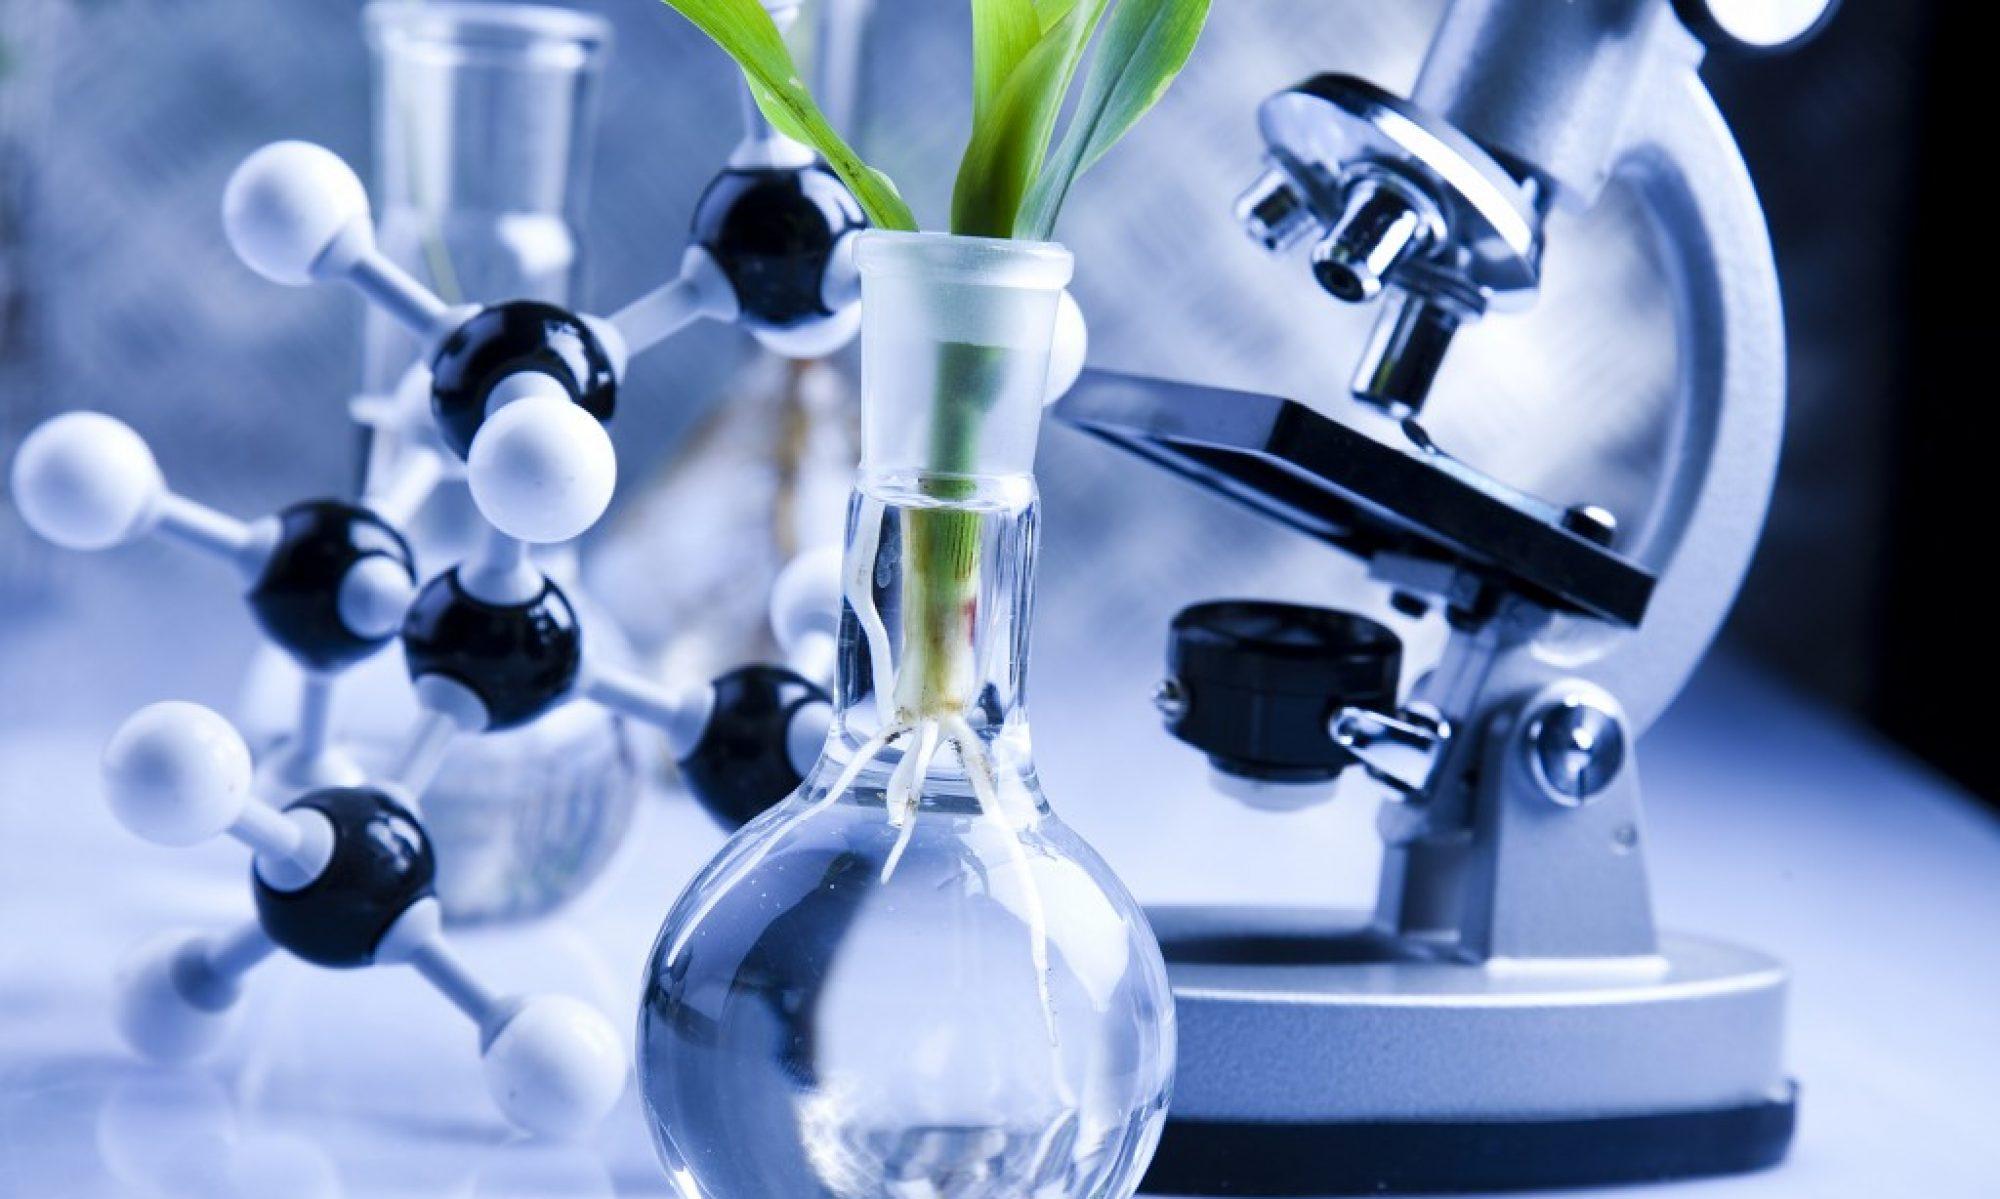 Liberty Biotech